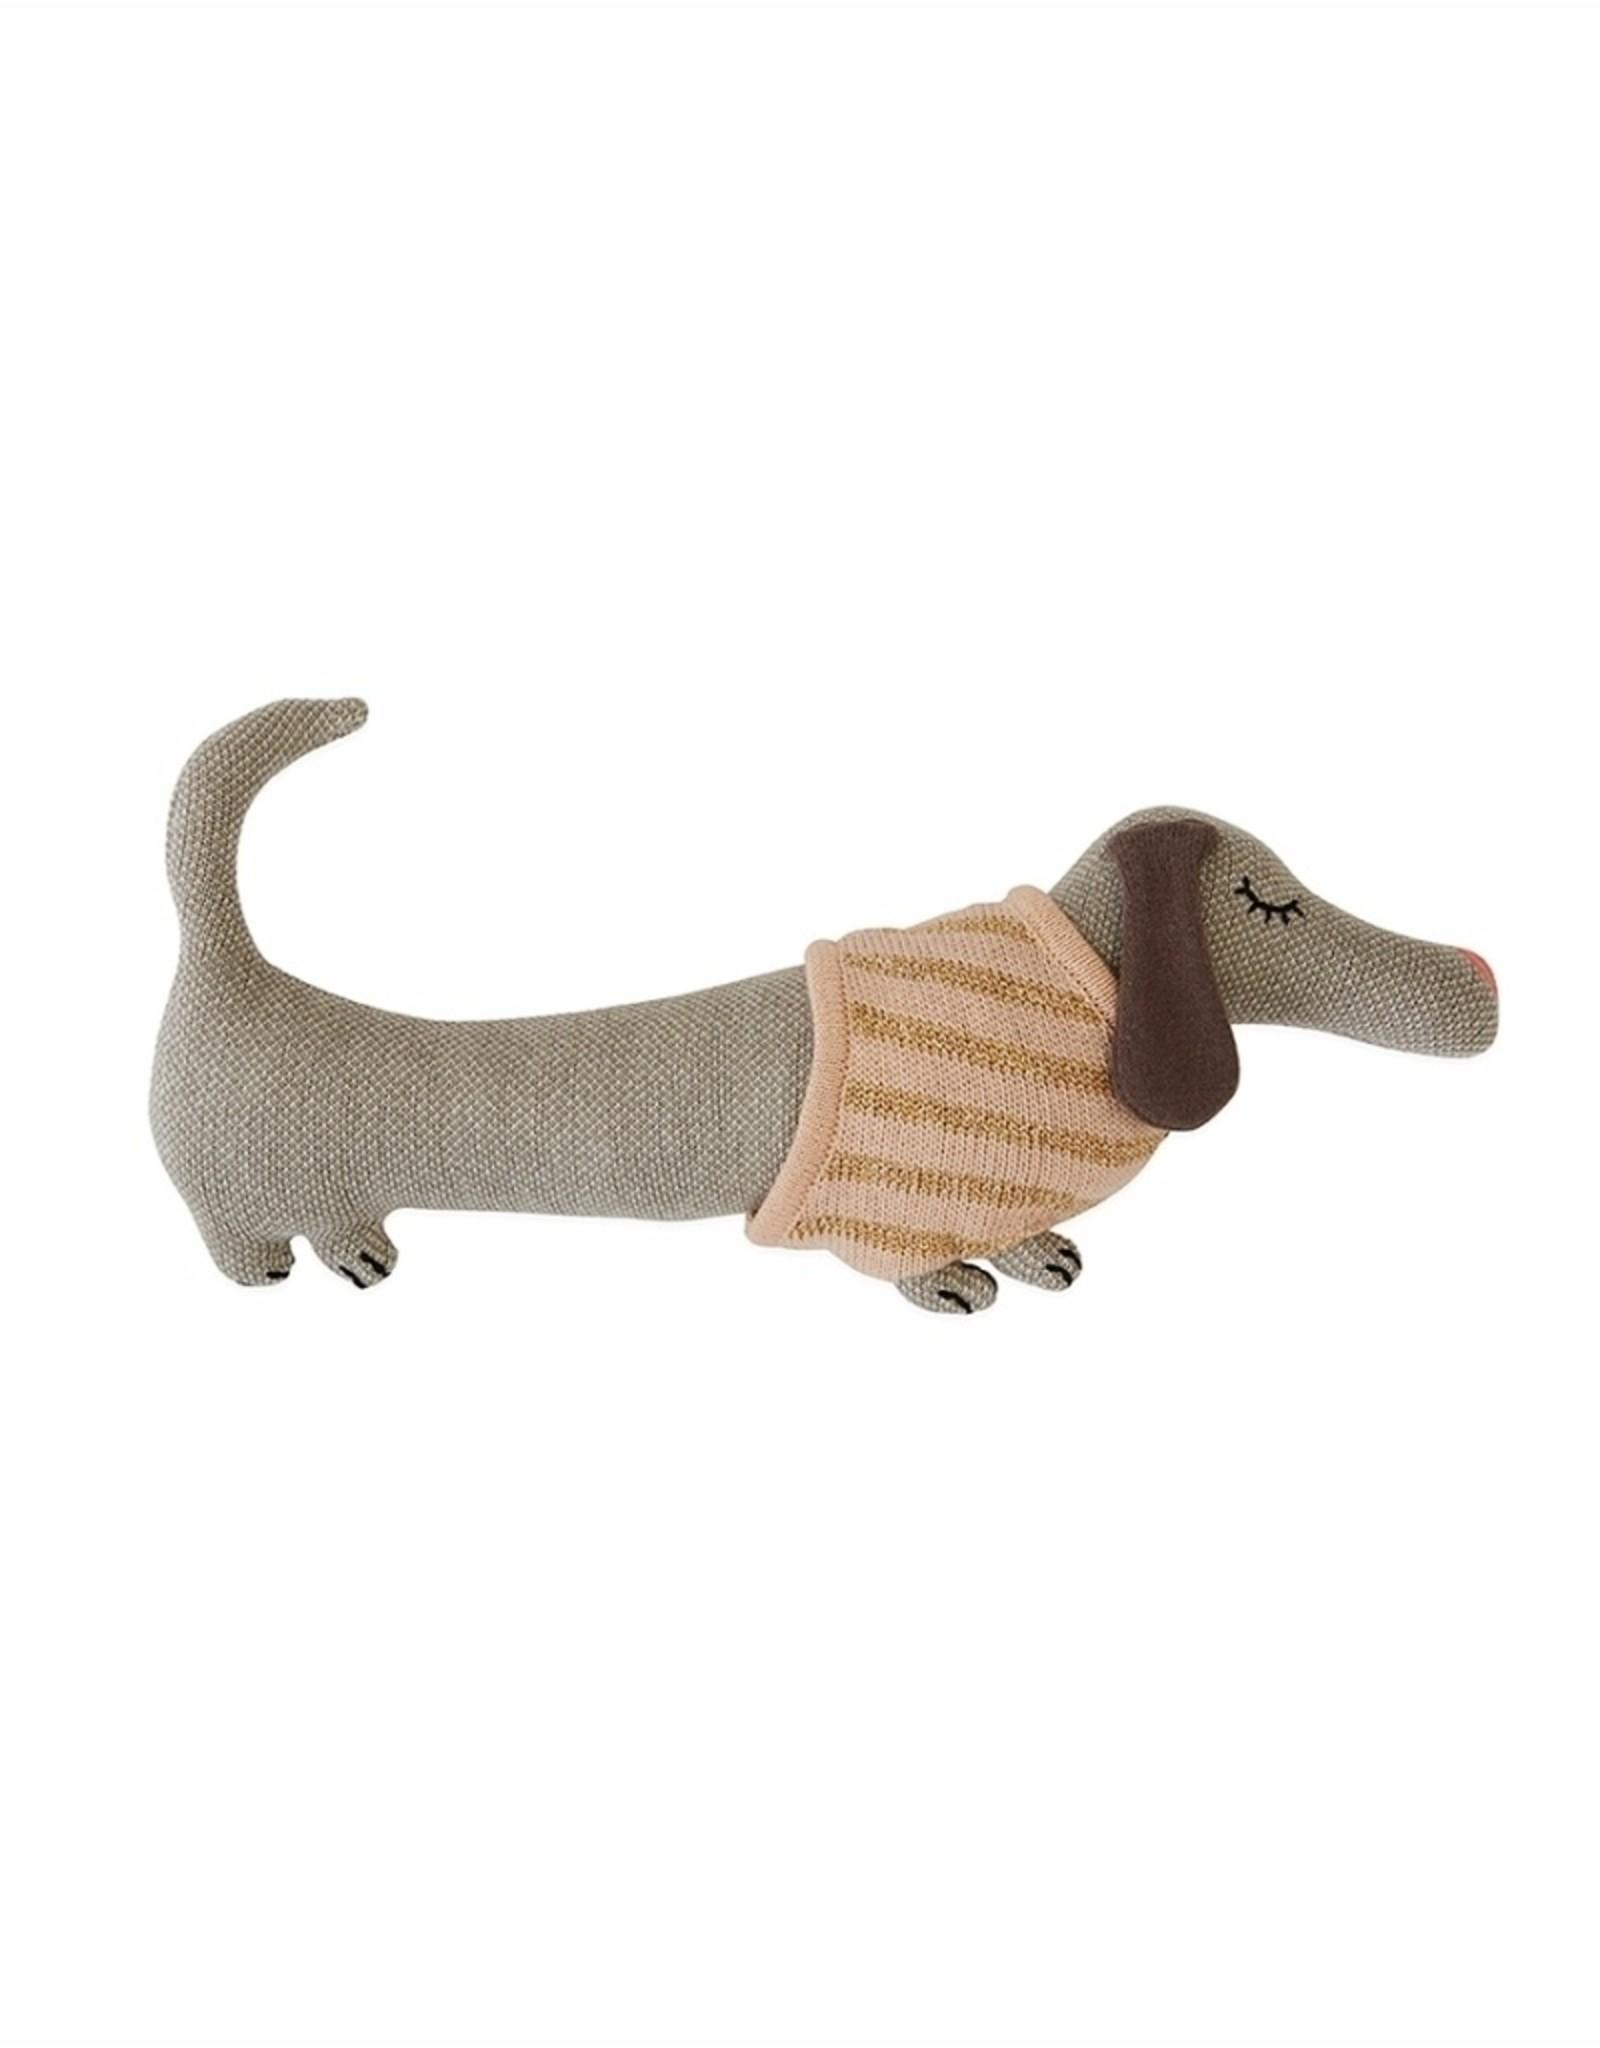 OYOY MINI OYOY - Darling cushion - Baby Daisy dog